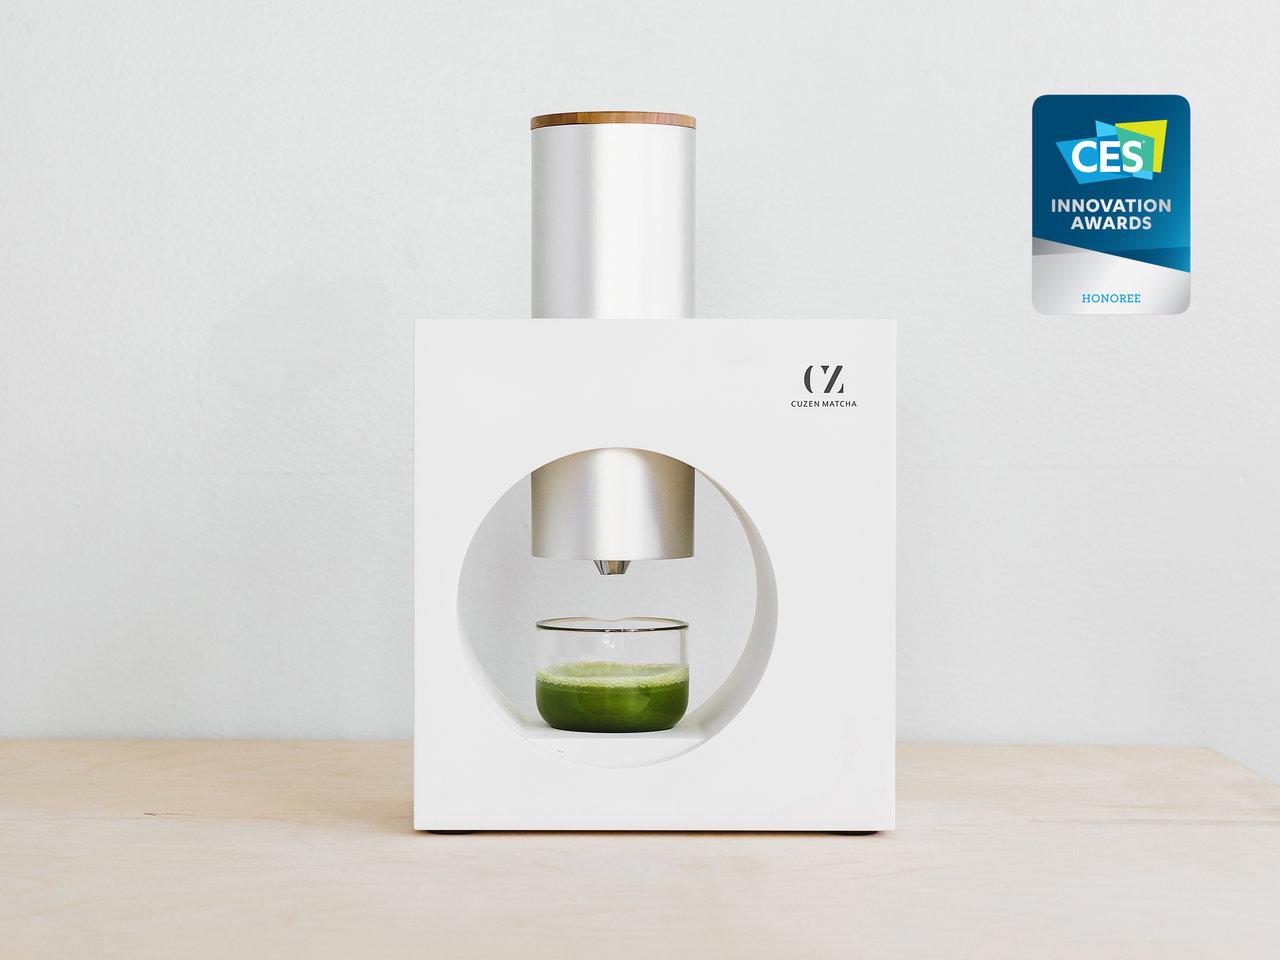 美味しい抹茶を、誰でも簡単に楽しめる「Cuzen Matcha」、世界最大の家電展示会CESにて「CES 2020 イノベーション賞」を受賞